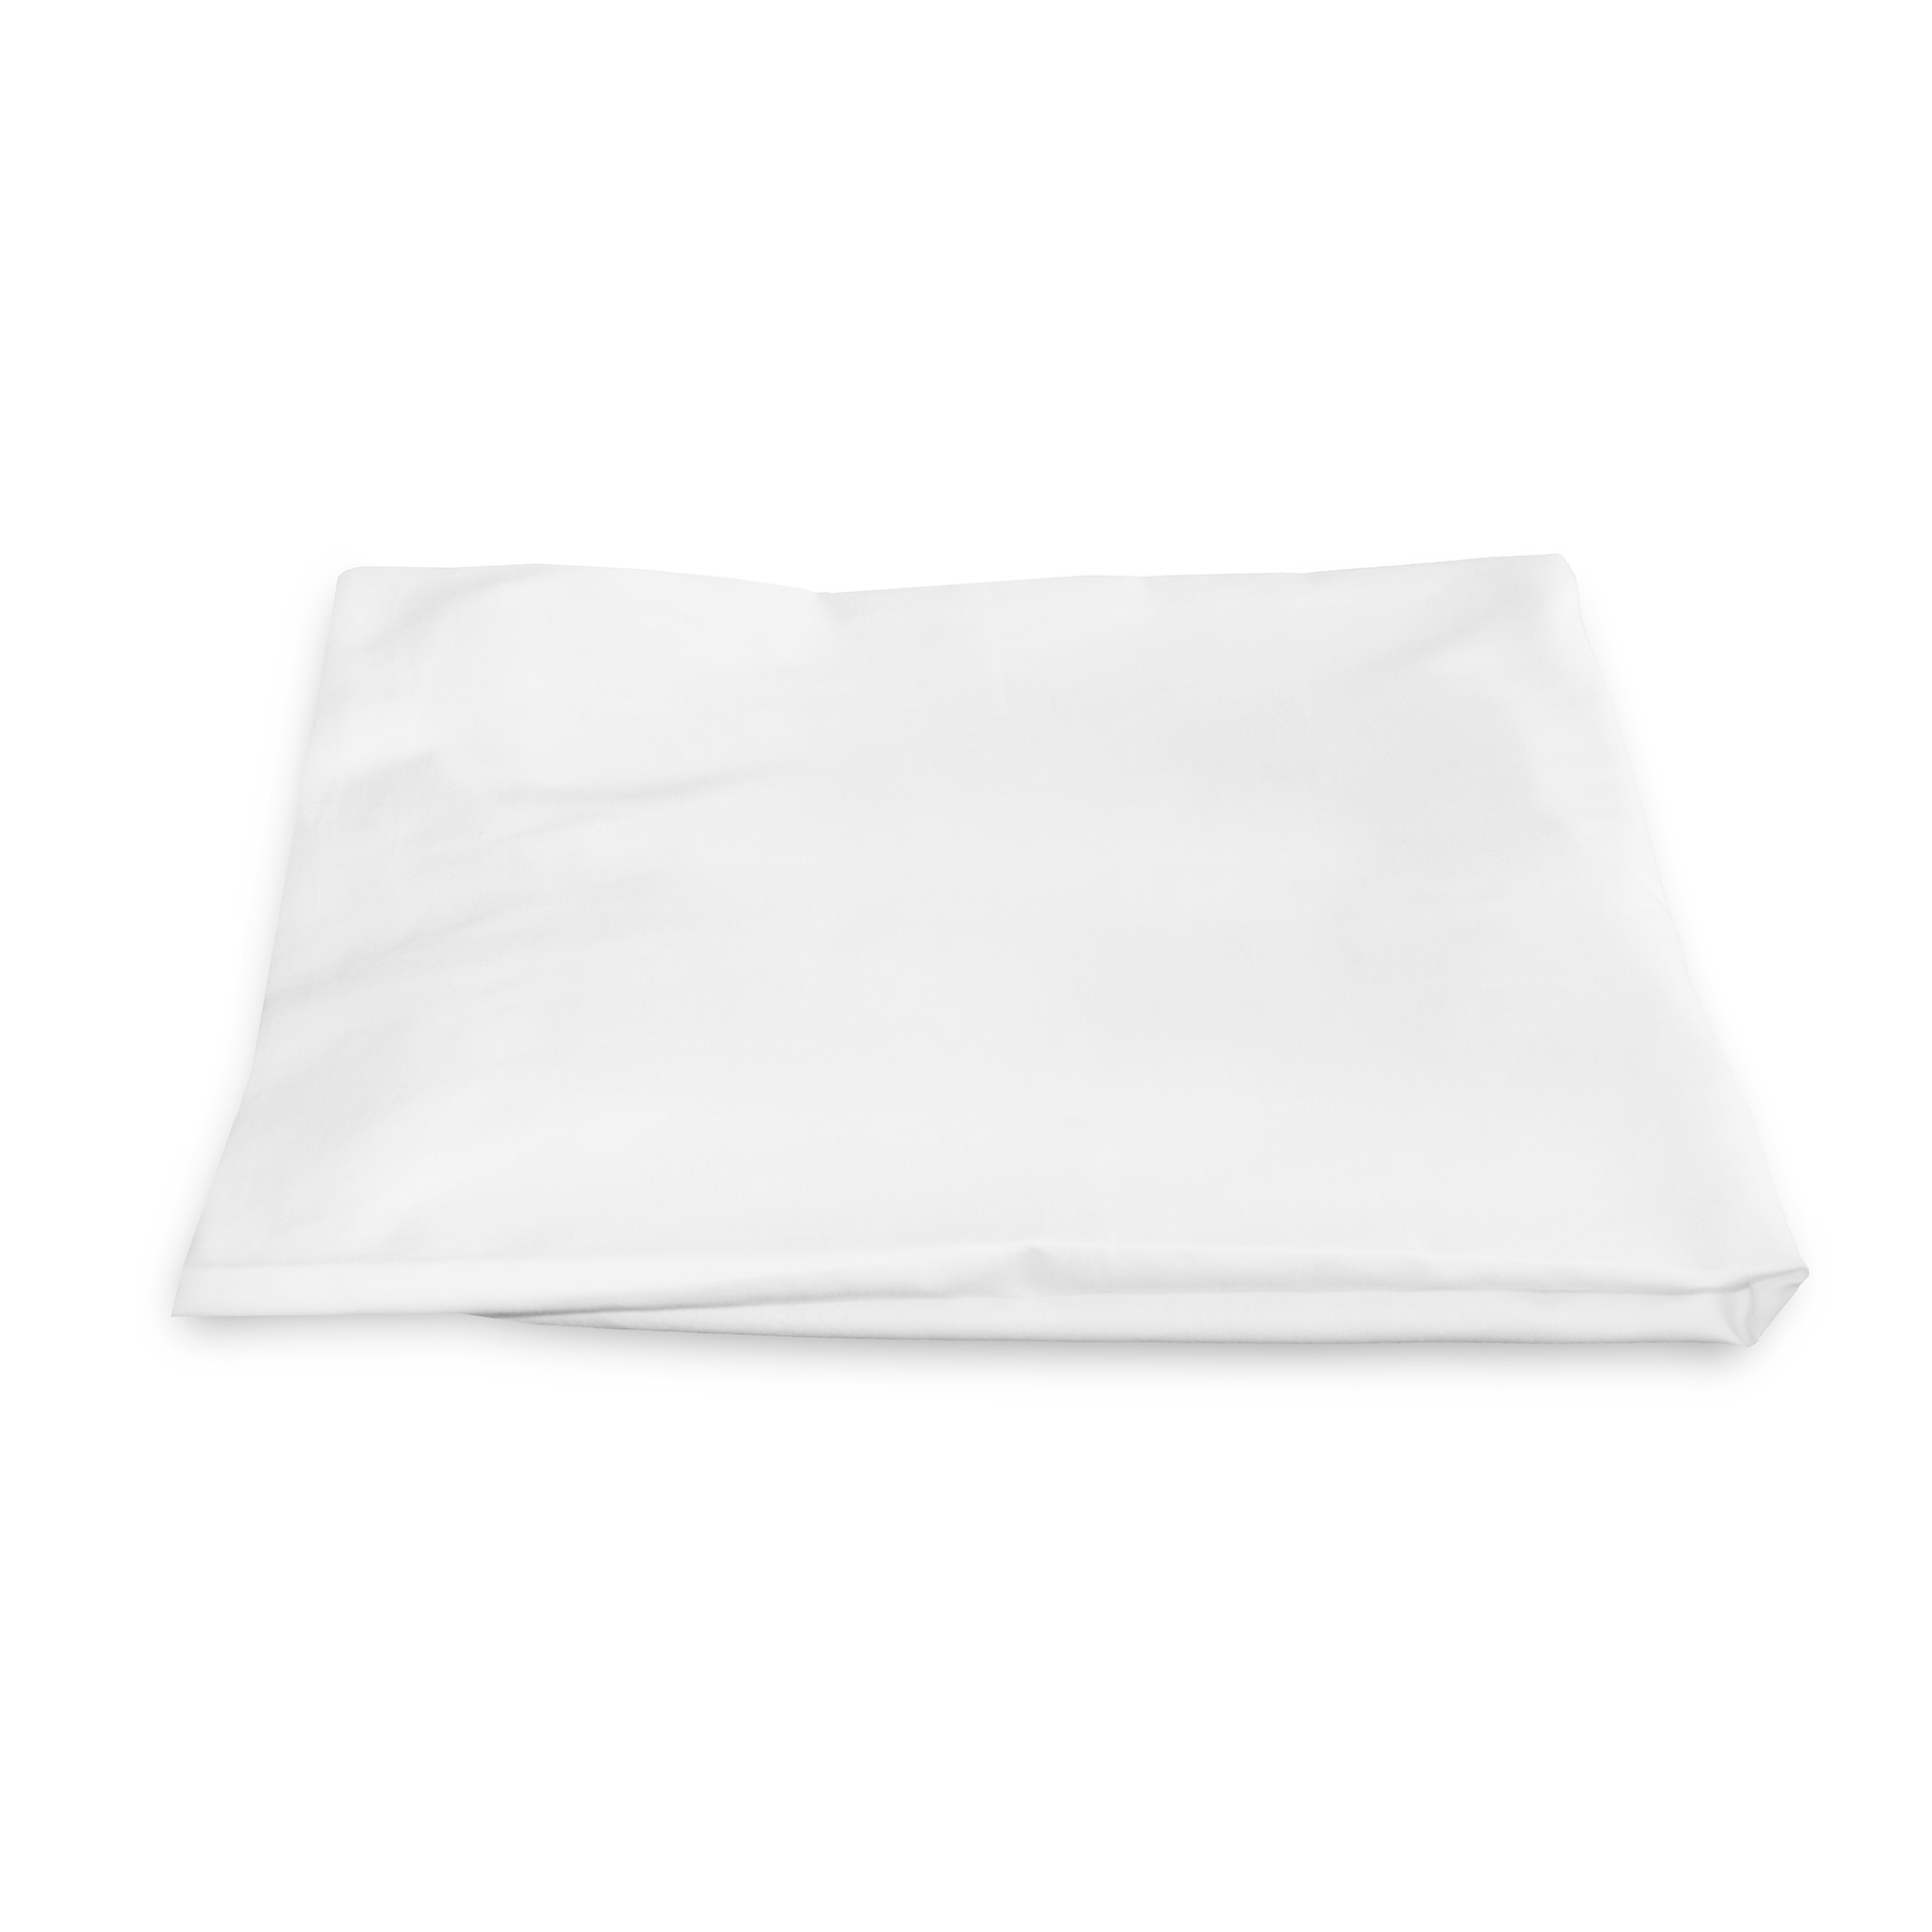 100% Cotton Pillowcase for Sleepnitez 8